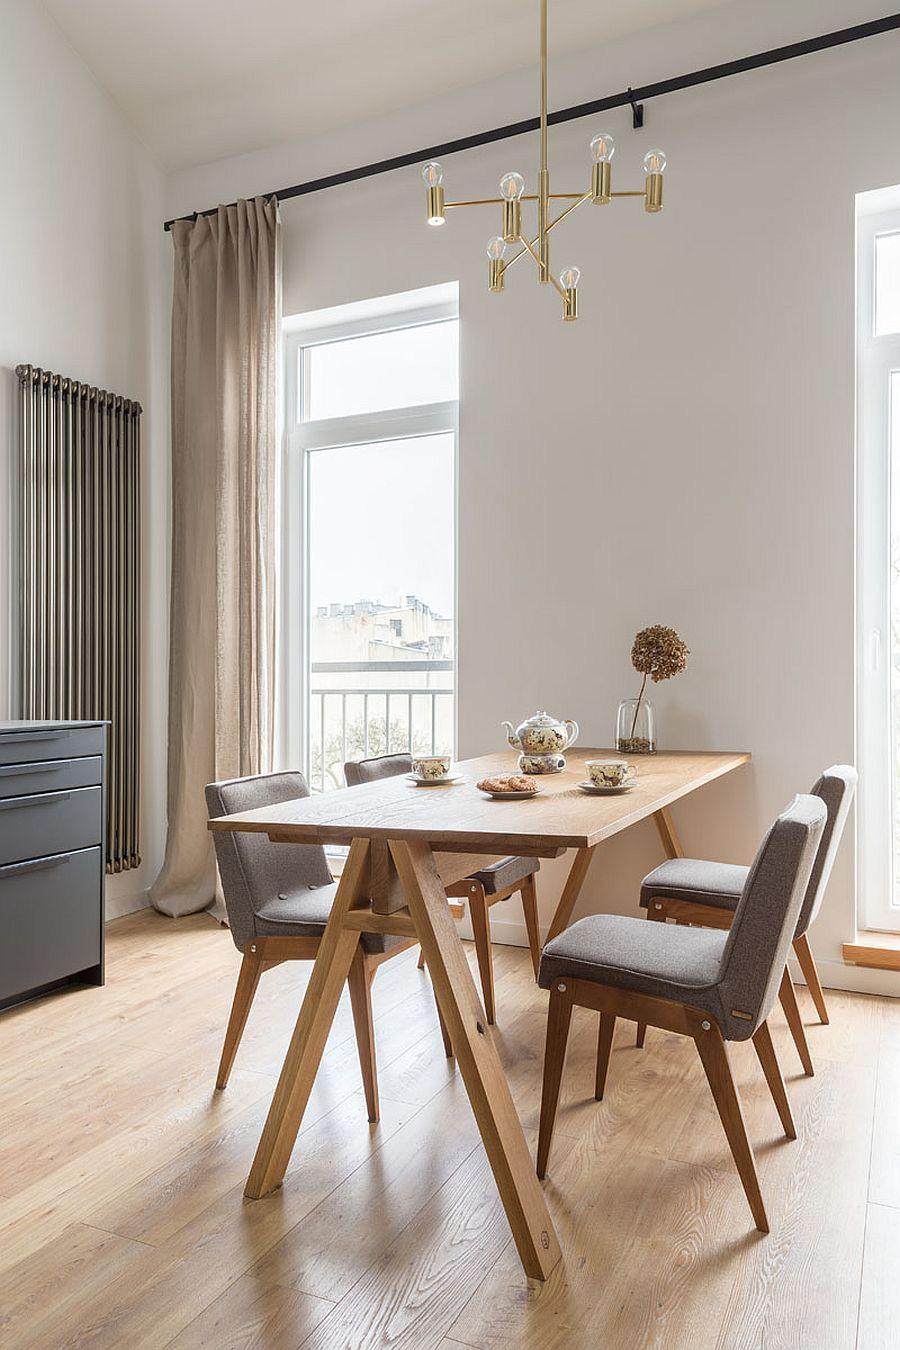 Căn hộ nhỏ xíu cực xinh xắn với tầng lửng màu đen và trắng ấn tượng - Ảnh 6